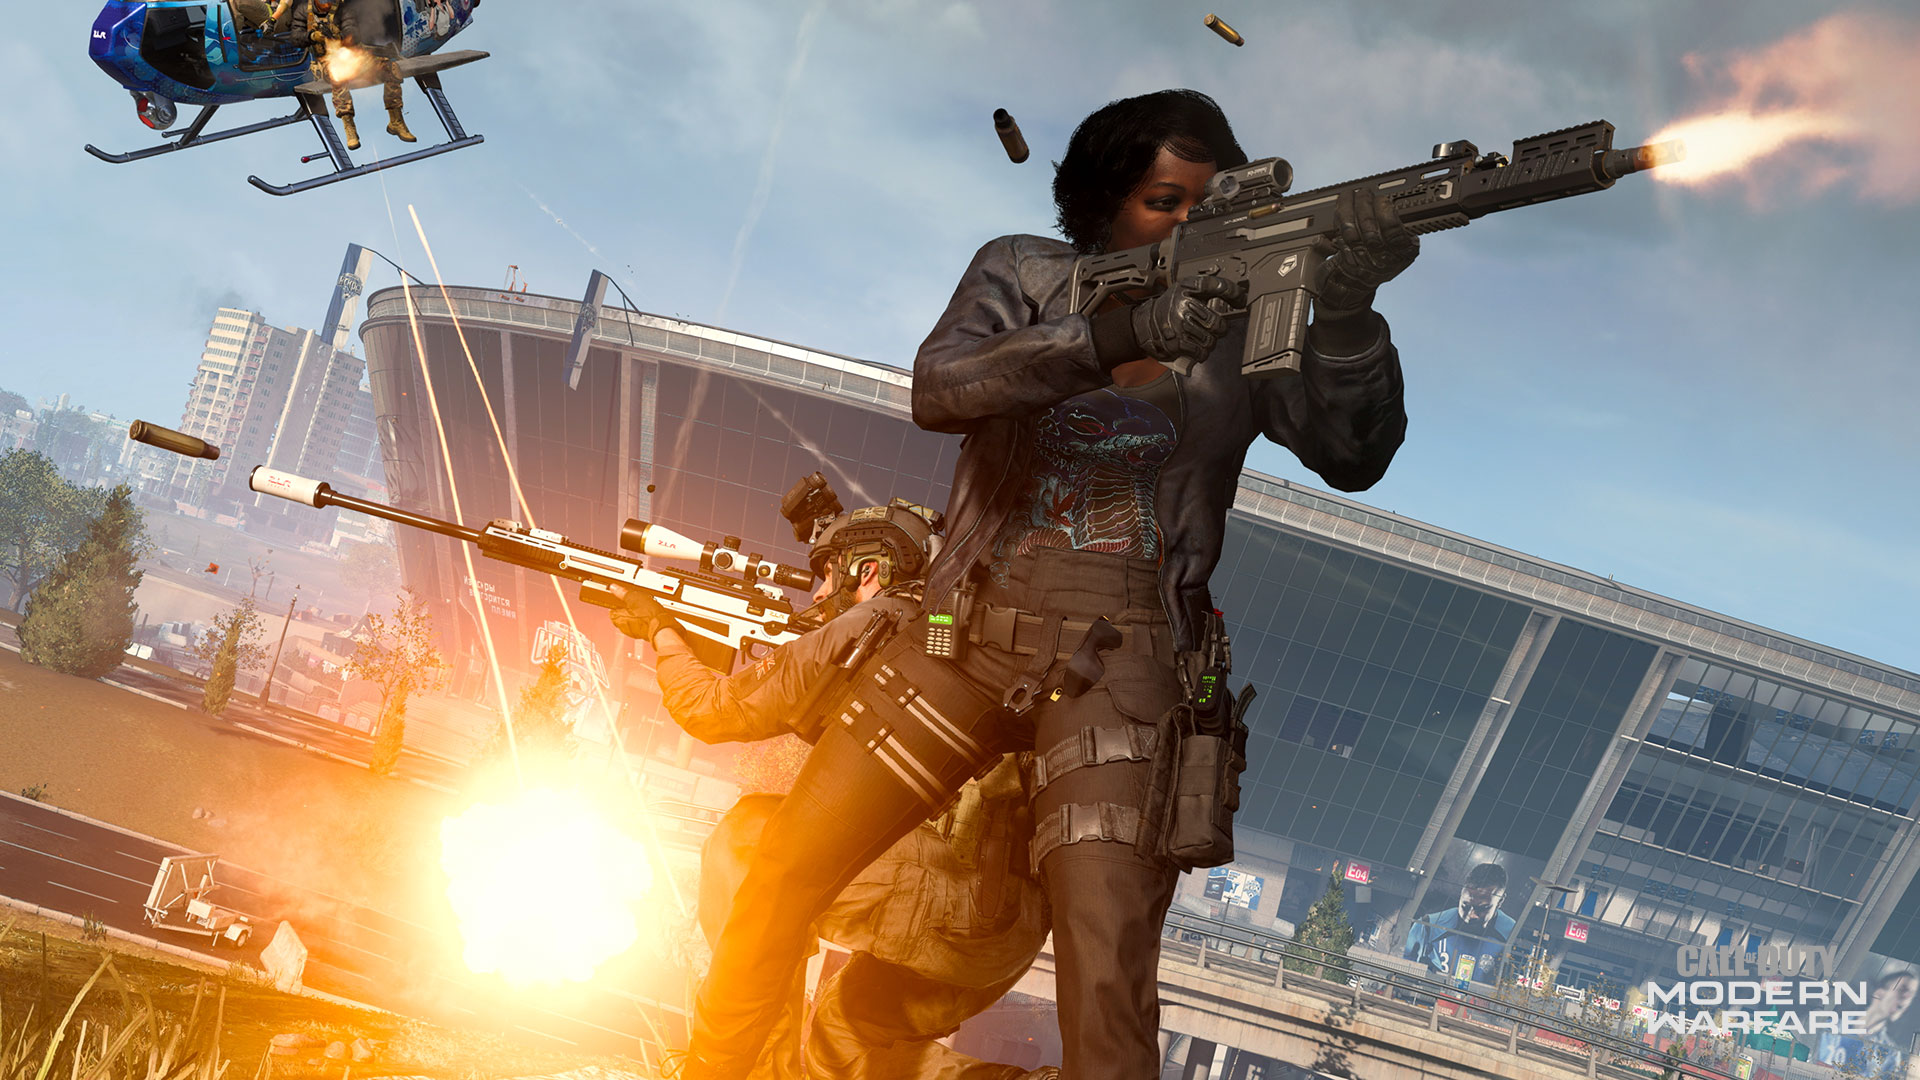 《使命召唤:战区》200人大逃杀模式马上就要上线了